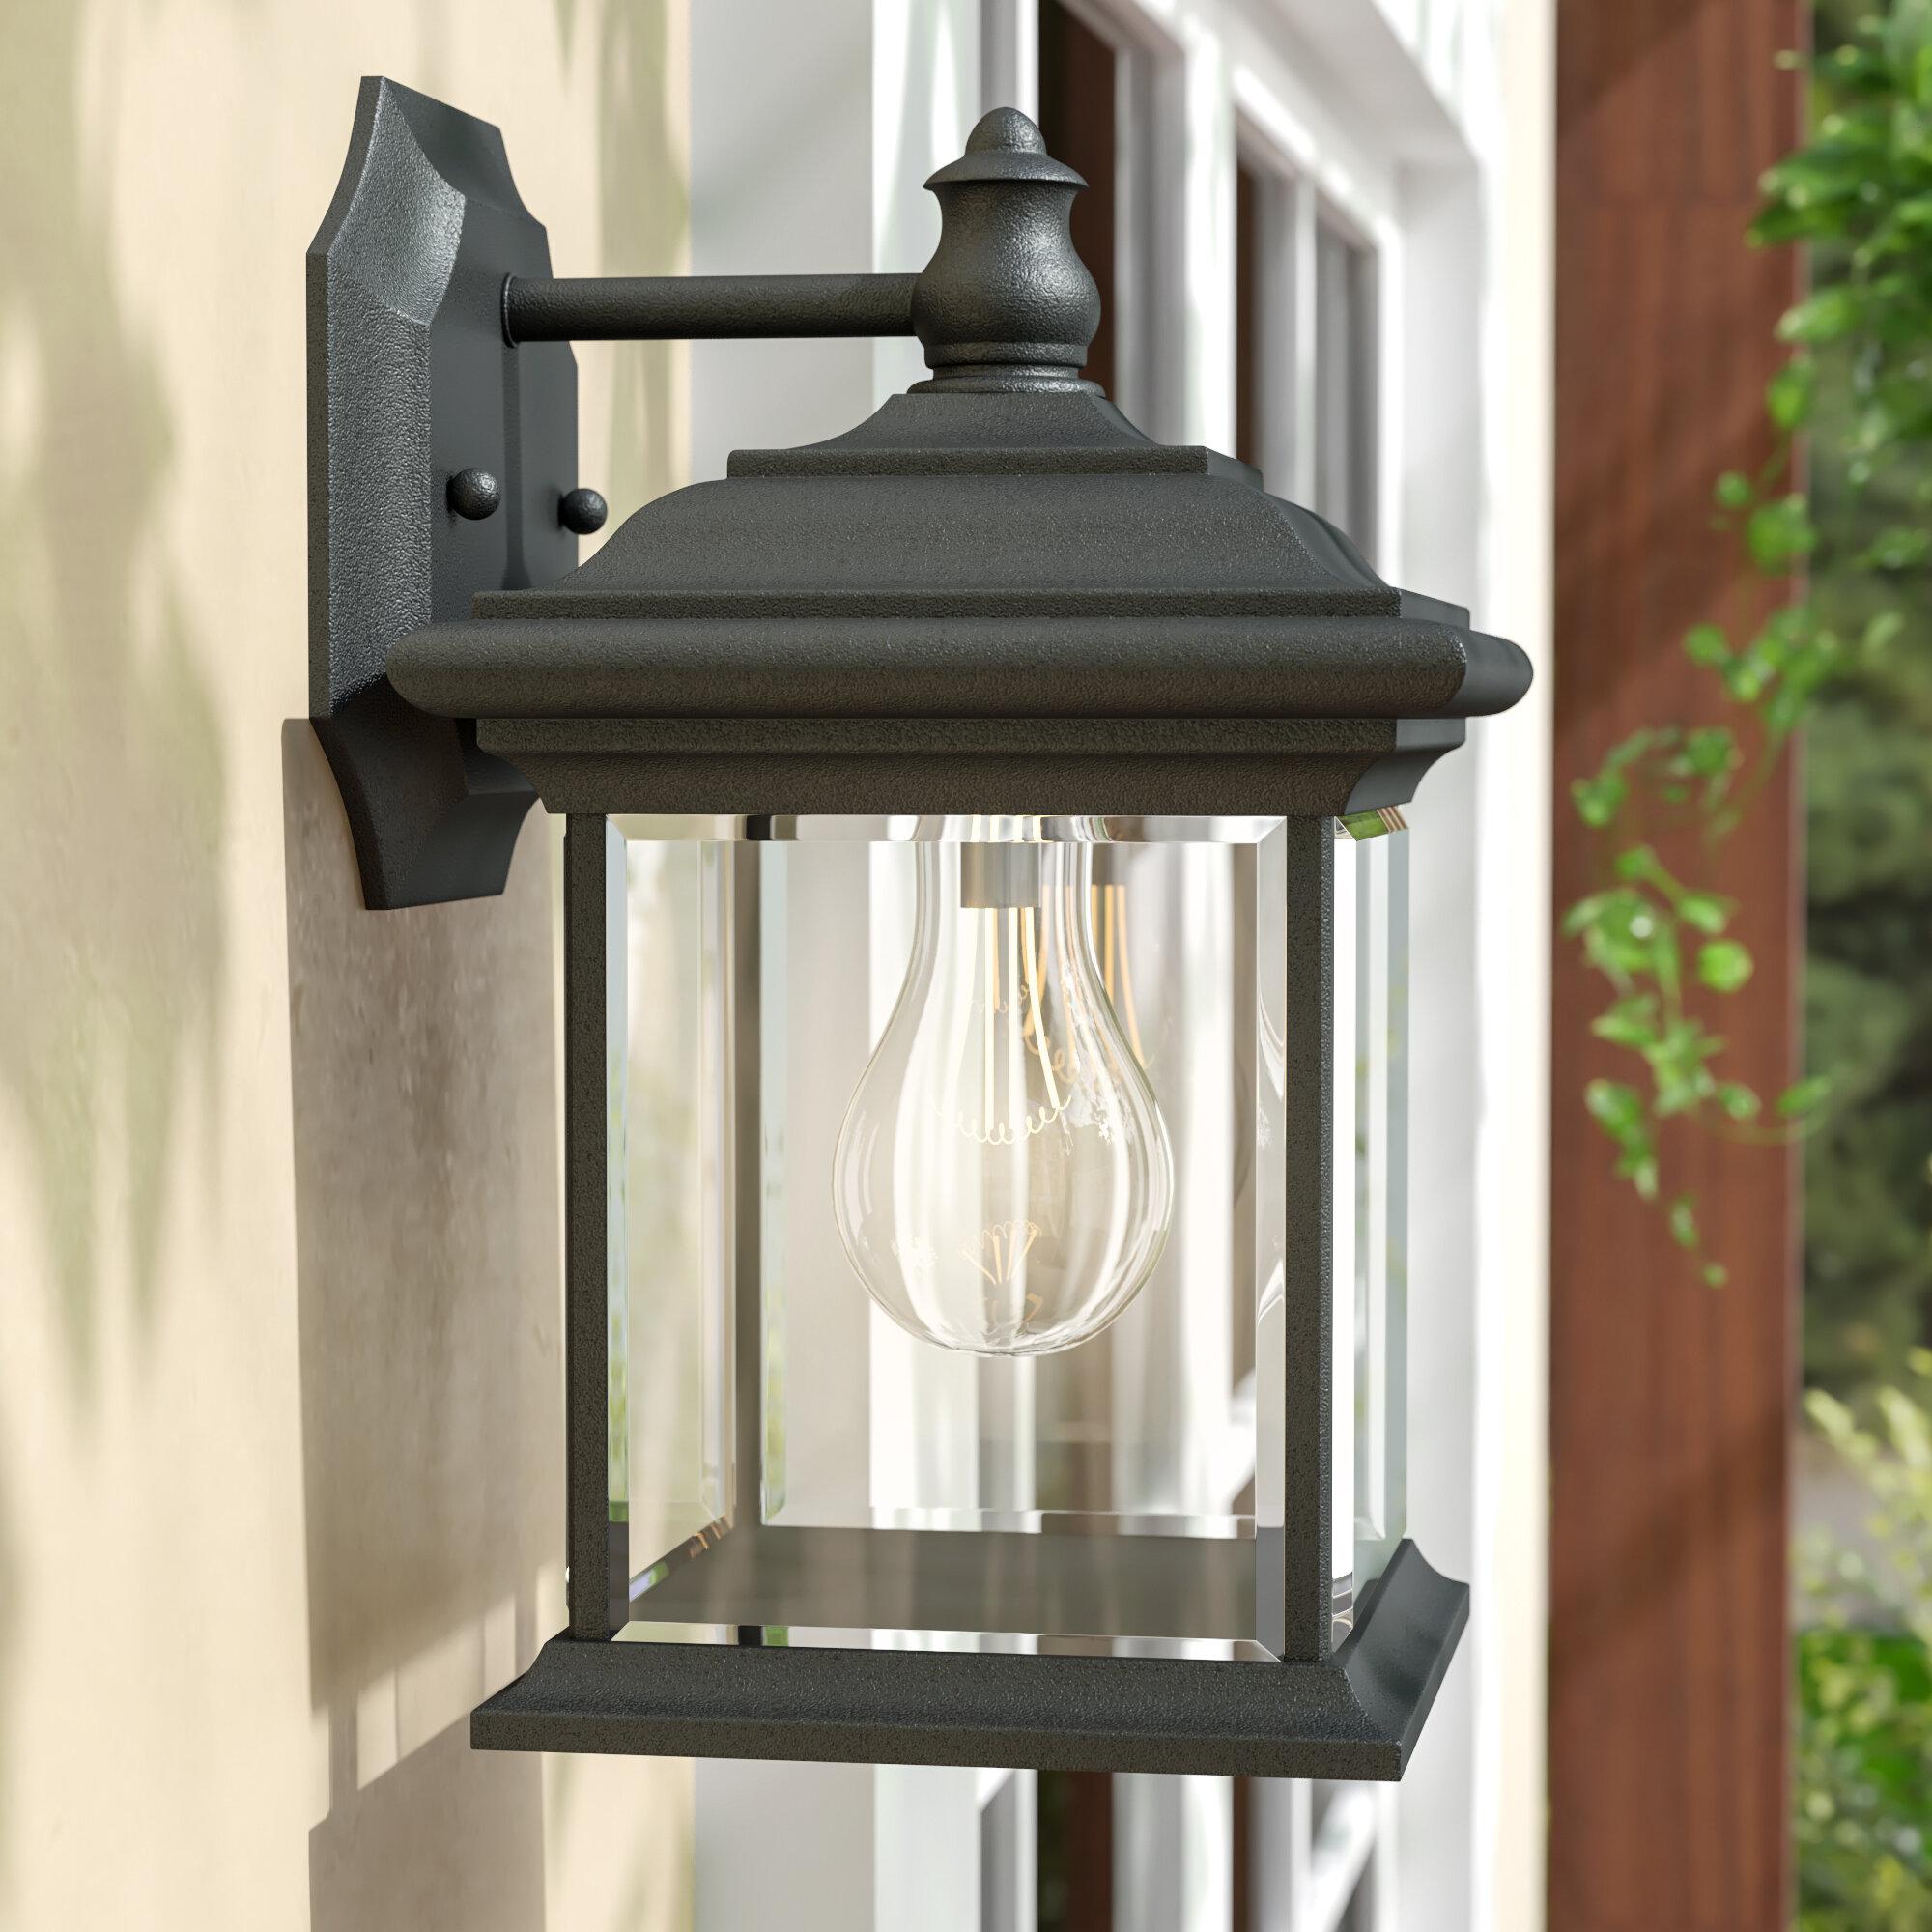 Sol 72 Outdoor Gillett 1 Bulb 9 75 H Outdoor Wall Lantern Reviews Wayfair Ca